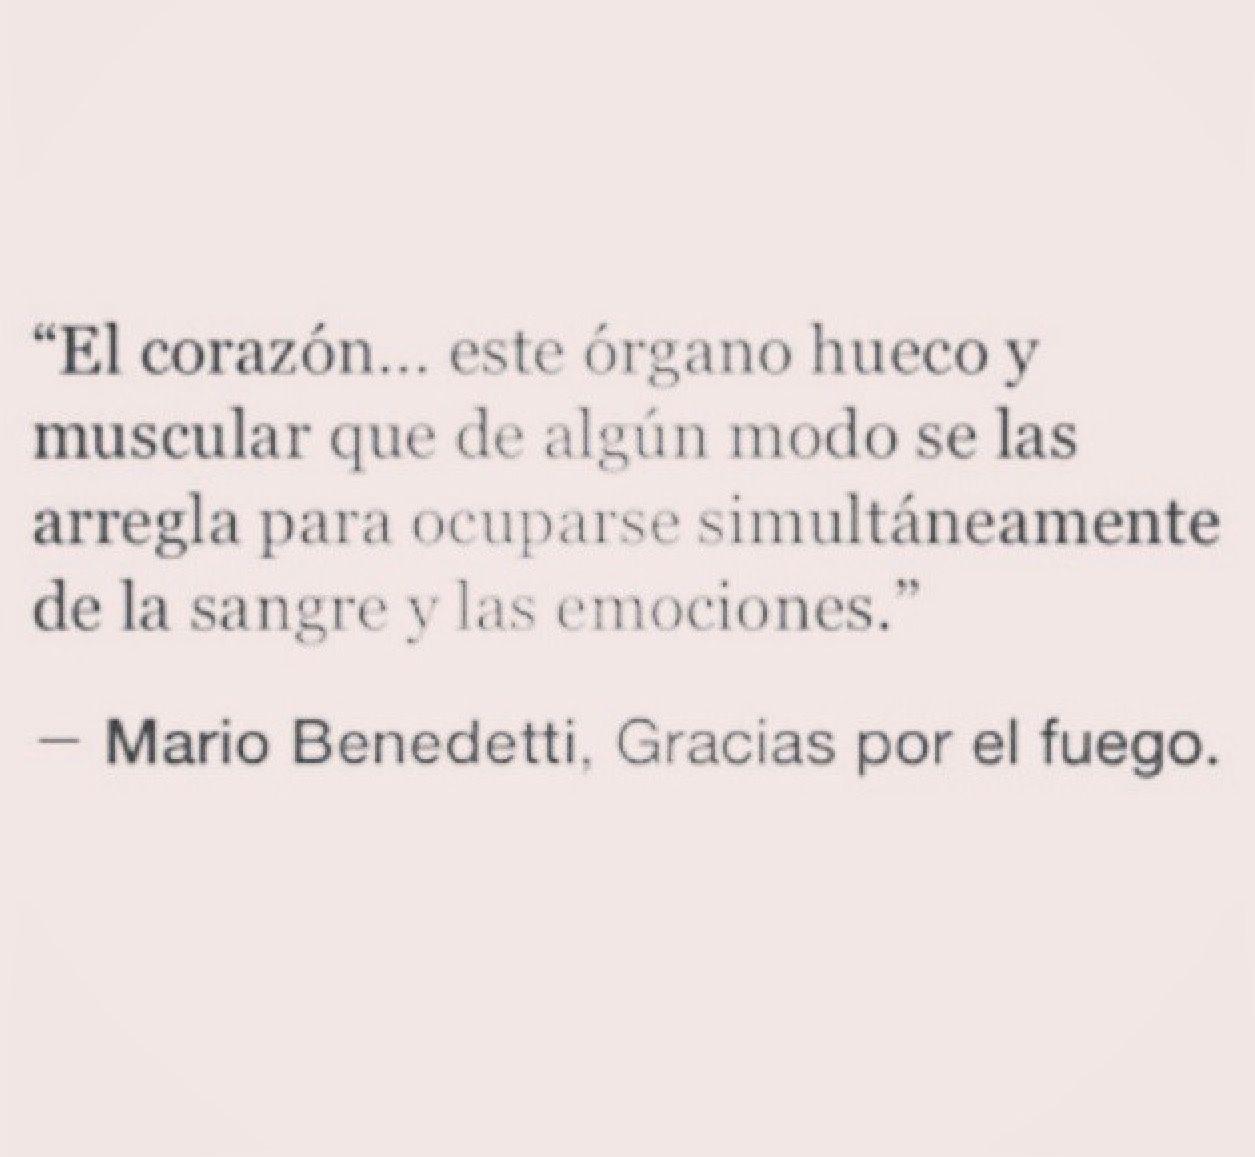 〽️ El corazón, este órgano hueco y muscular que de algún modo se las arregla... Mario Benedetti